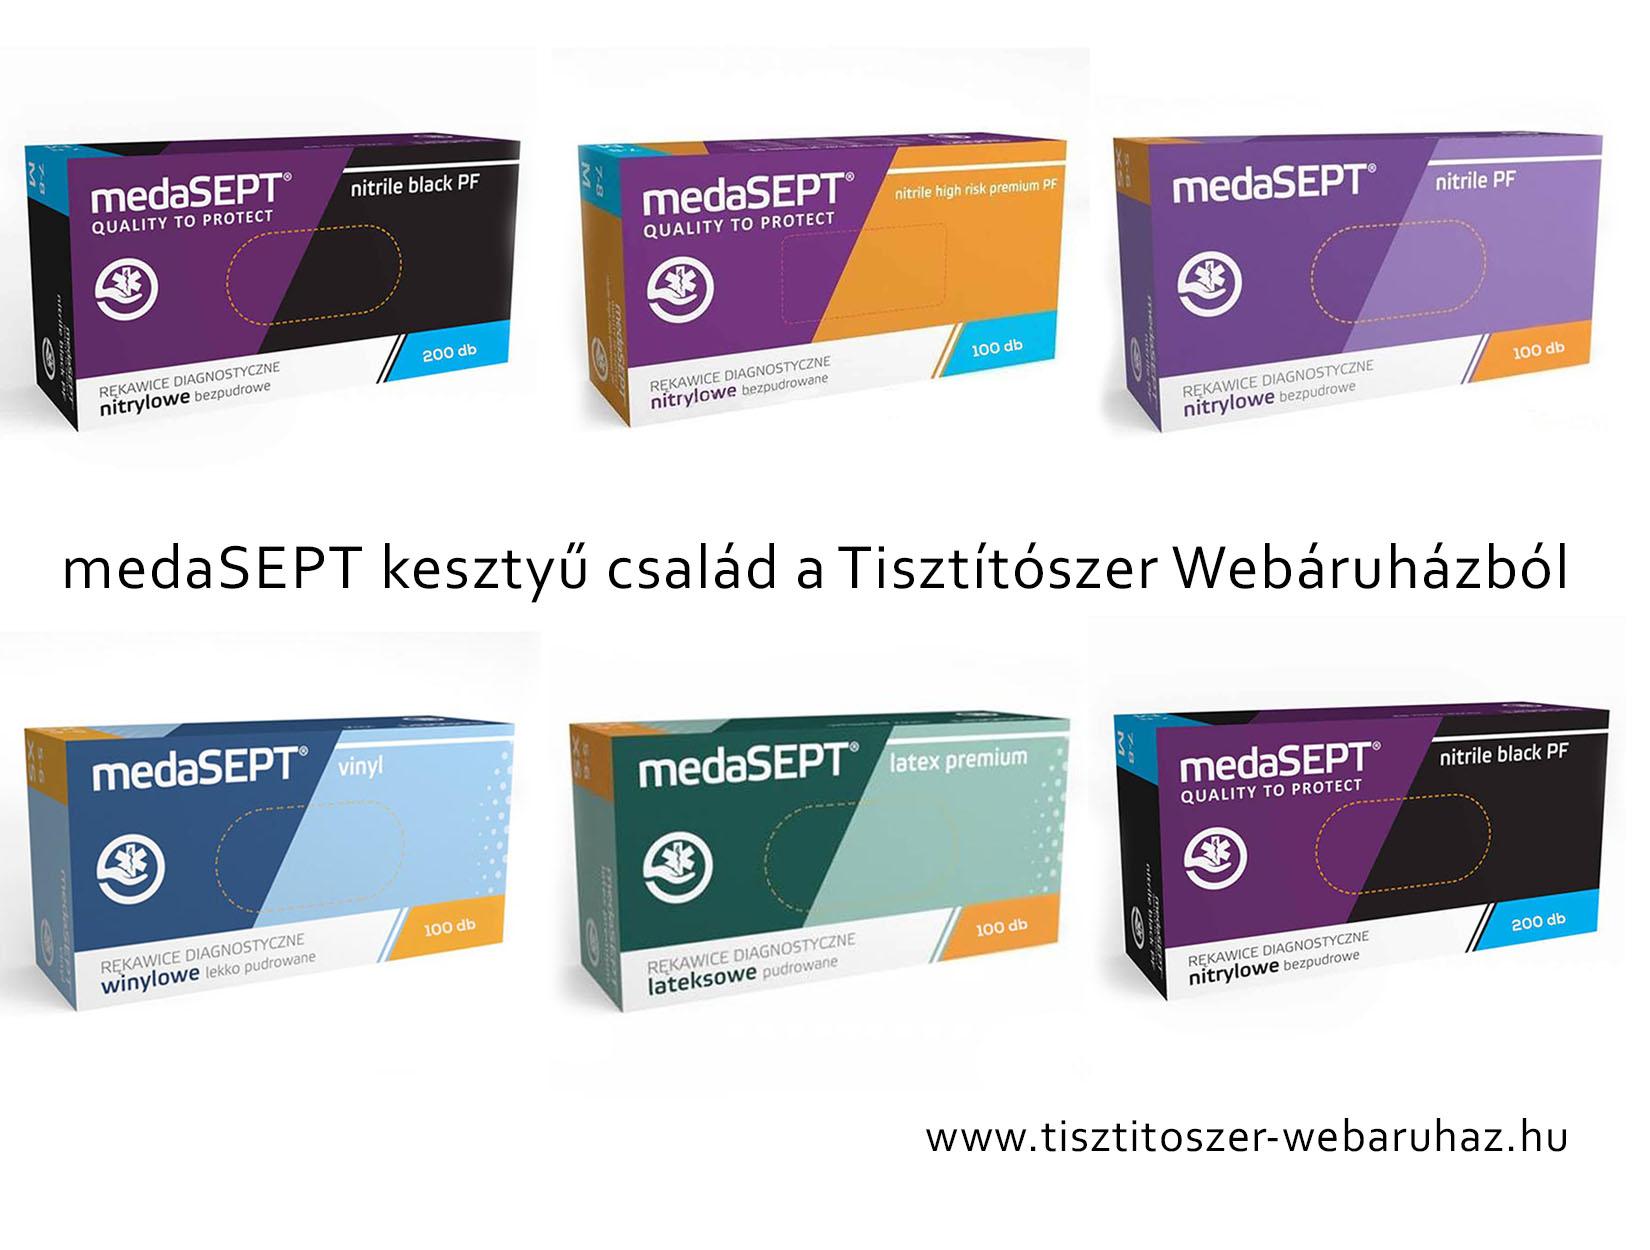 medaSEPT kesztyű család a Tisztítószer Webáruházból